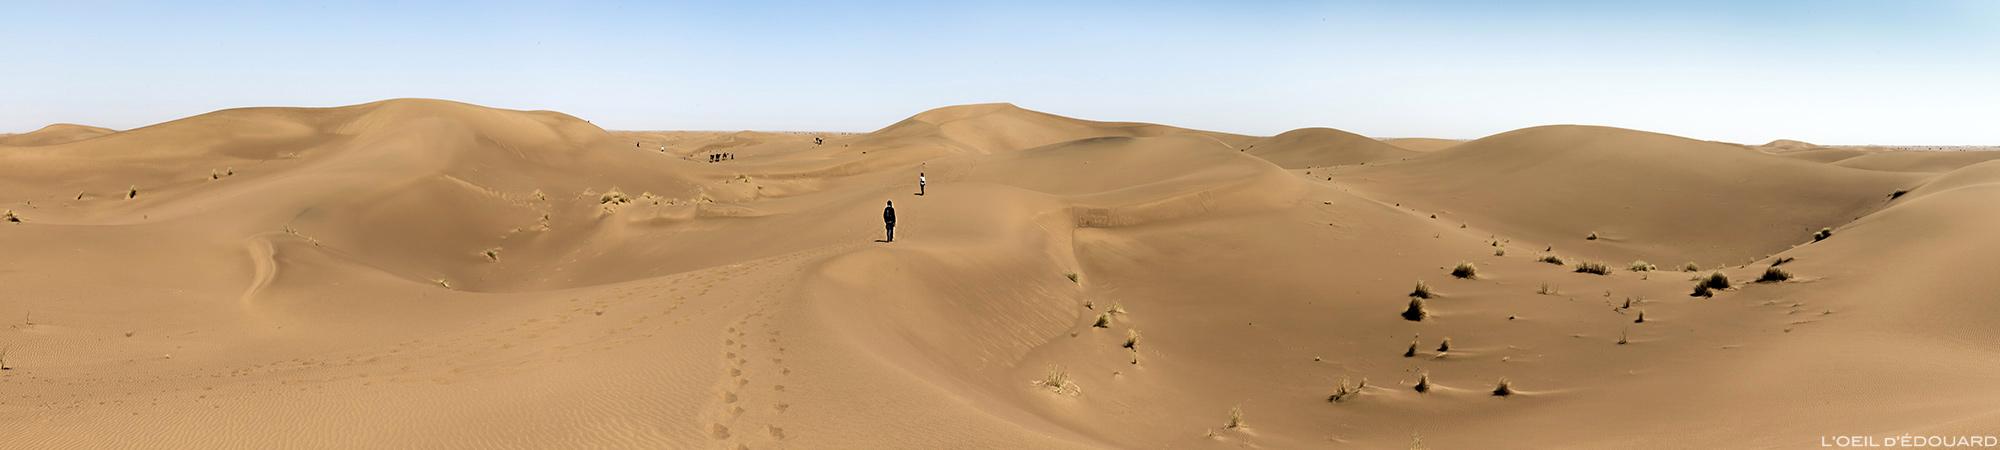 Dunas de areia no deserto de Marrocos